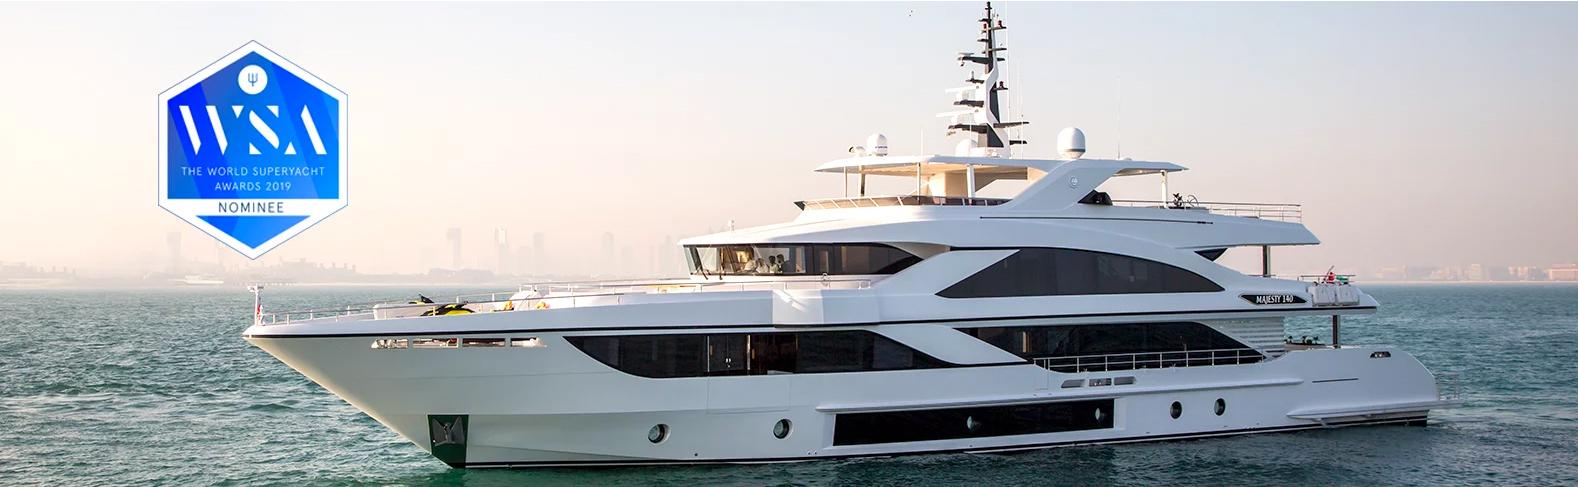 Majesty-140,-World-Superyacht-Awards-2019